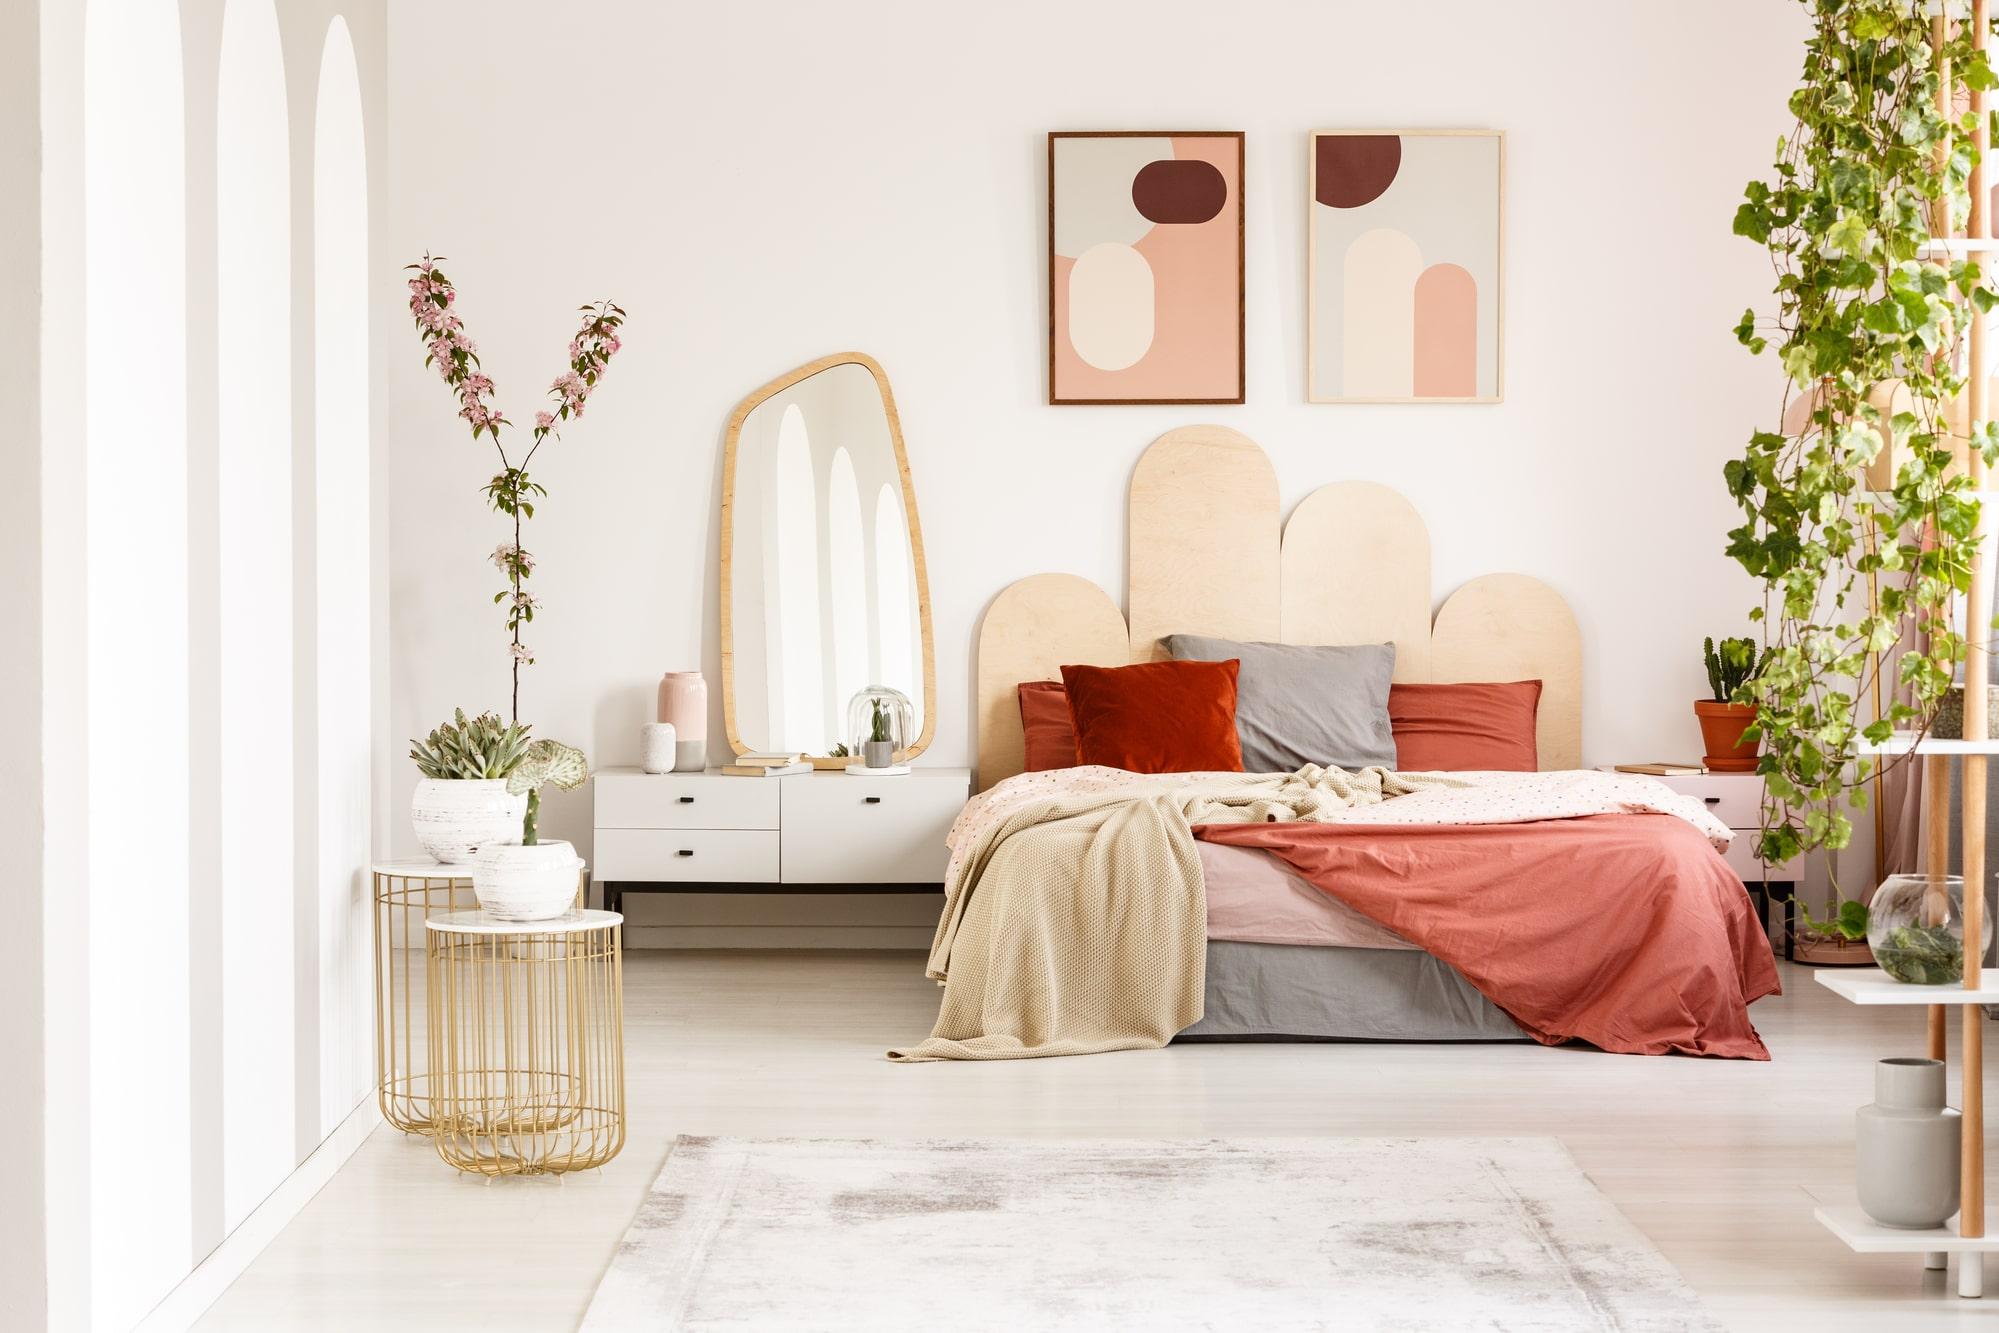 Rottöne - stylischer wohnen mit Rosa und Koralle Vorschau